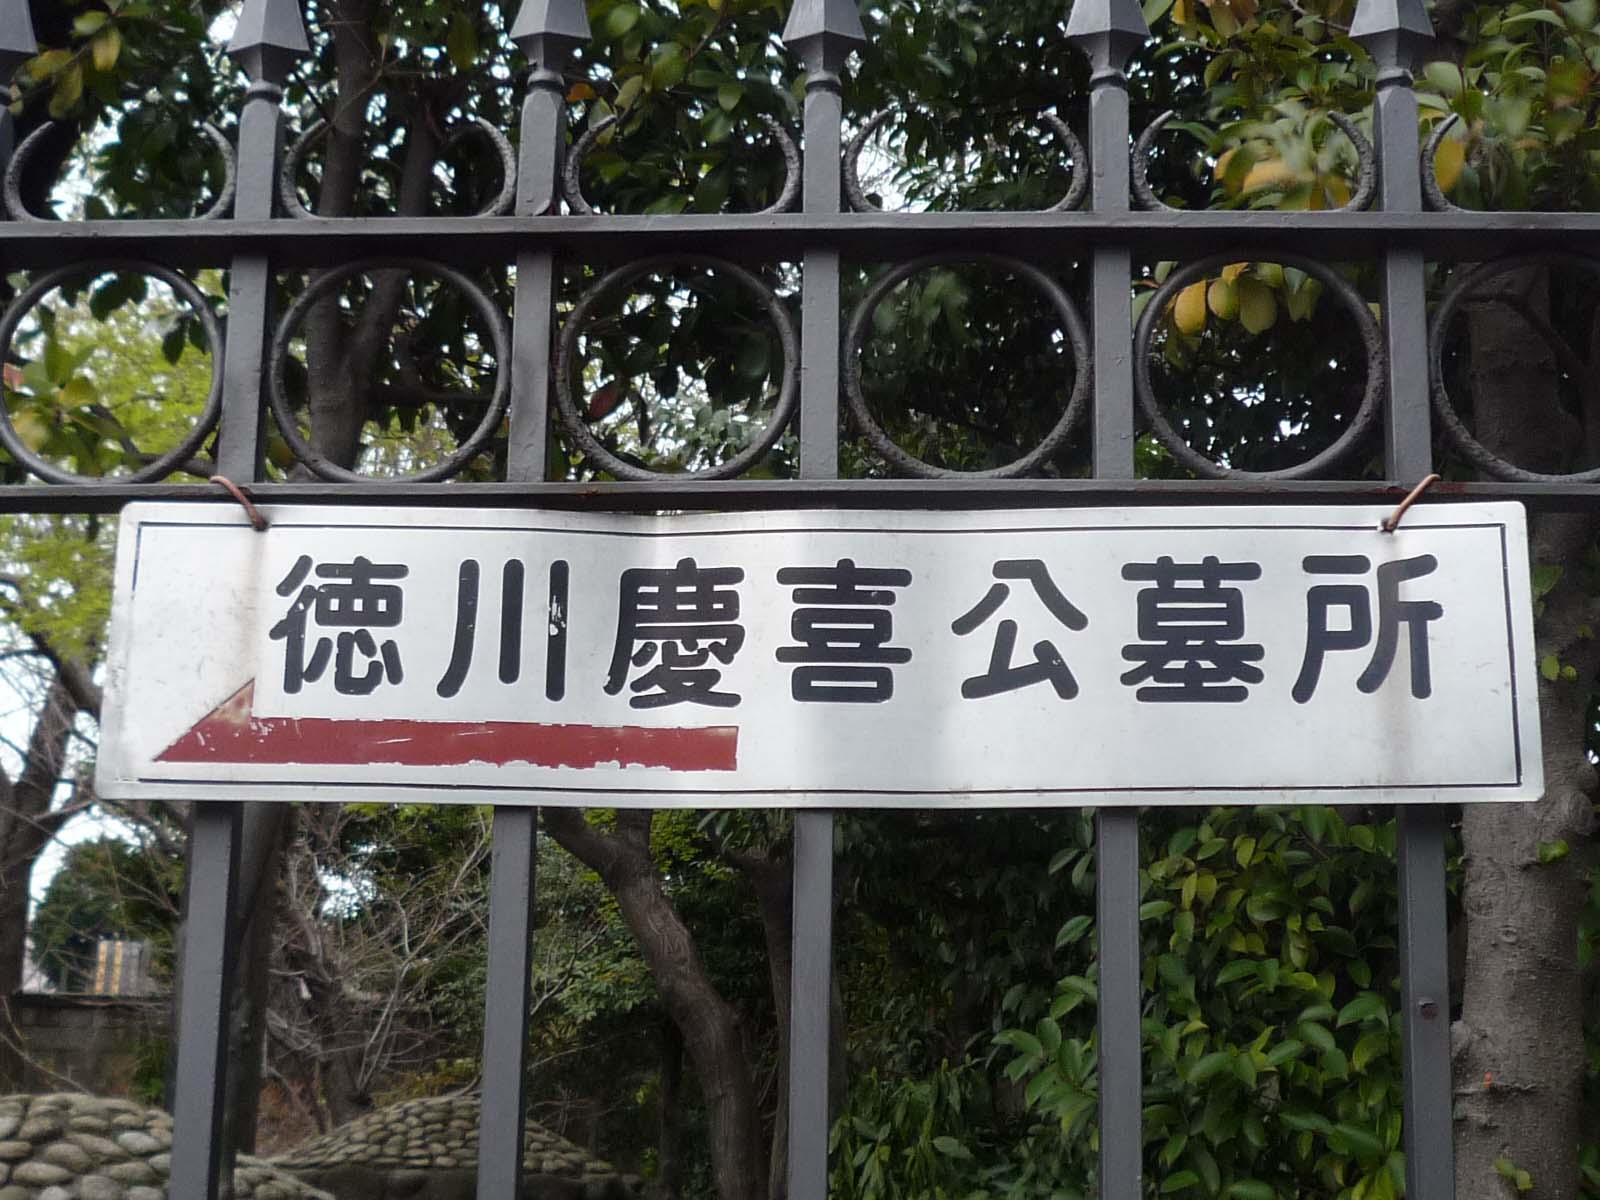 徳川慶喜公墓所 看板